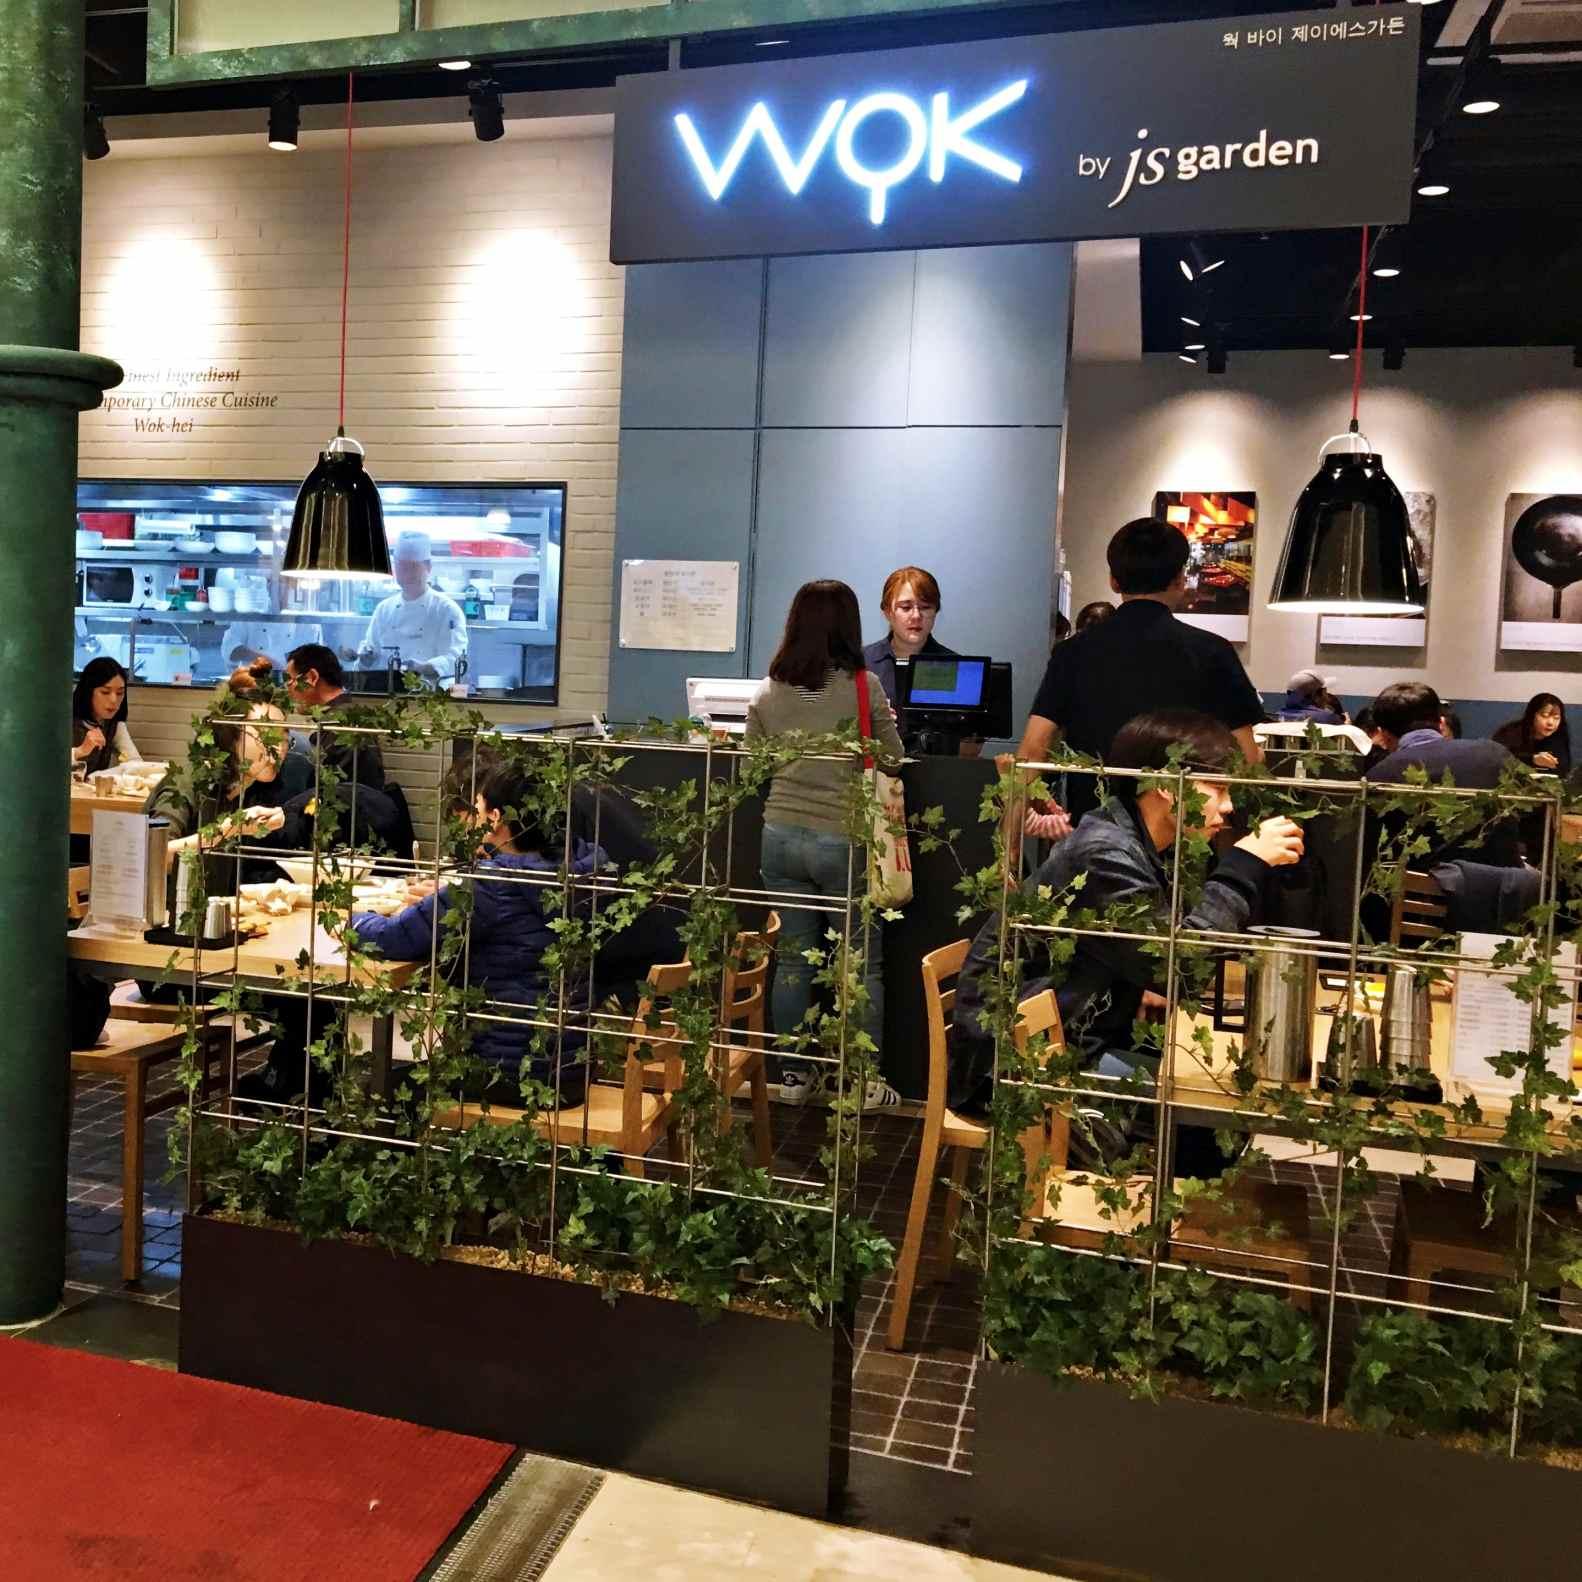 Starfield 高陽 是在2017年夏天時才開幕的大型購物中心,今天小編要介紹的是位在B1的韓式中華料理店 WOK